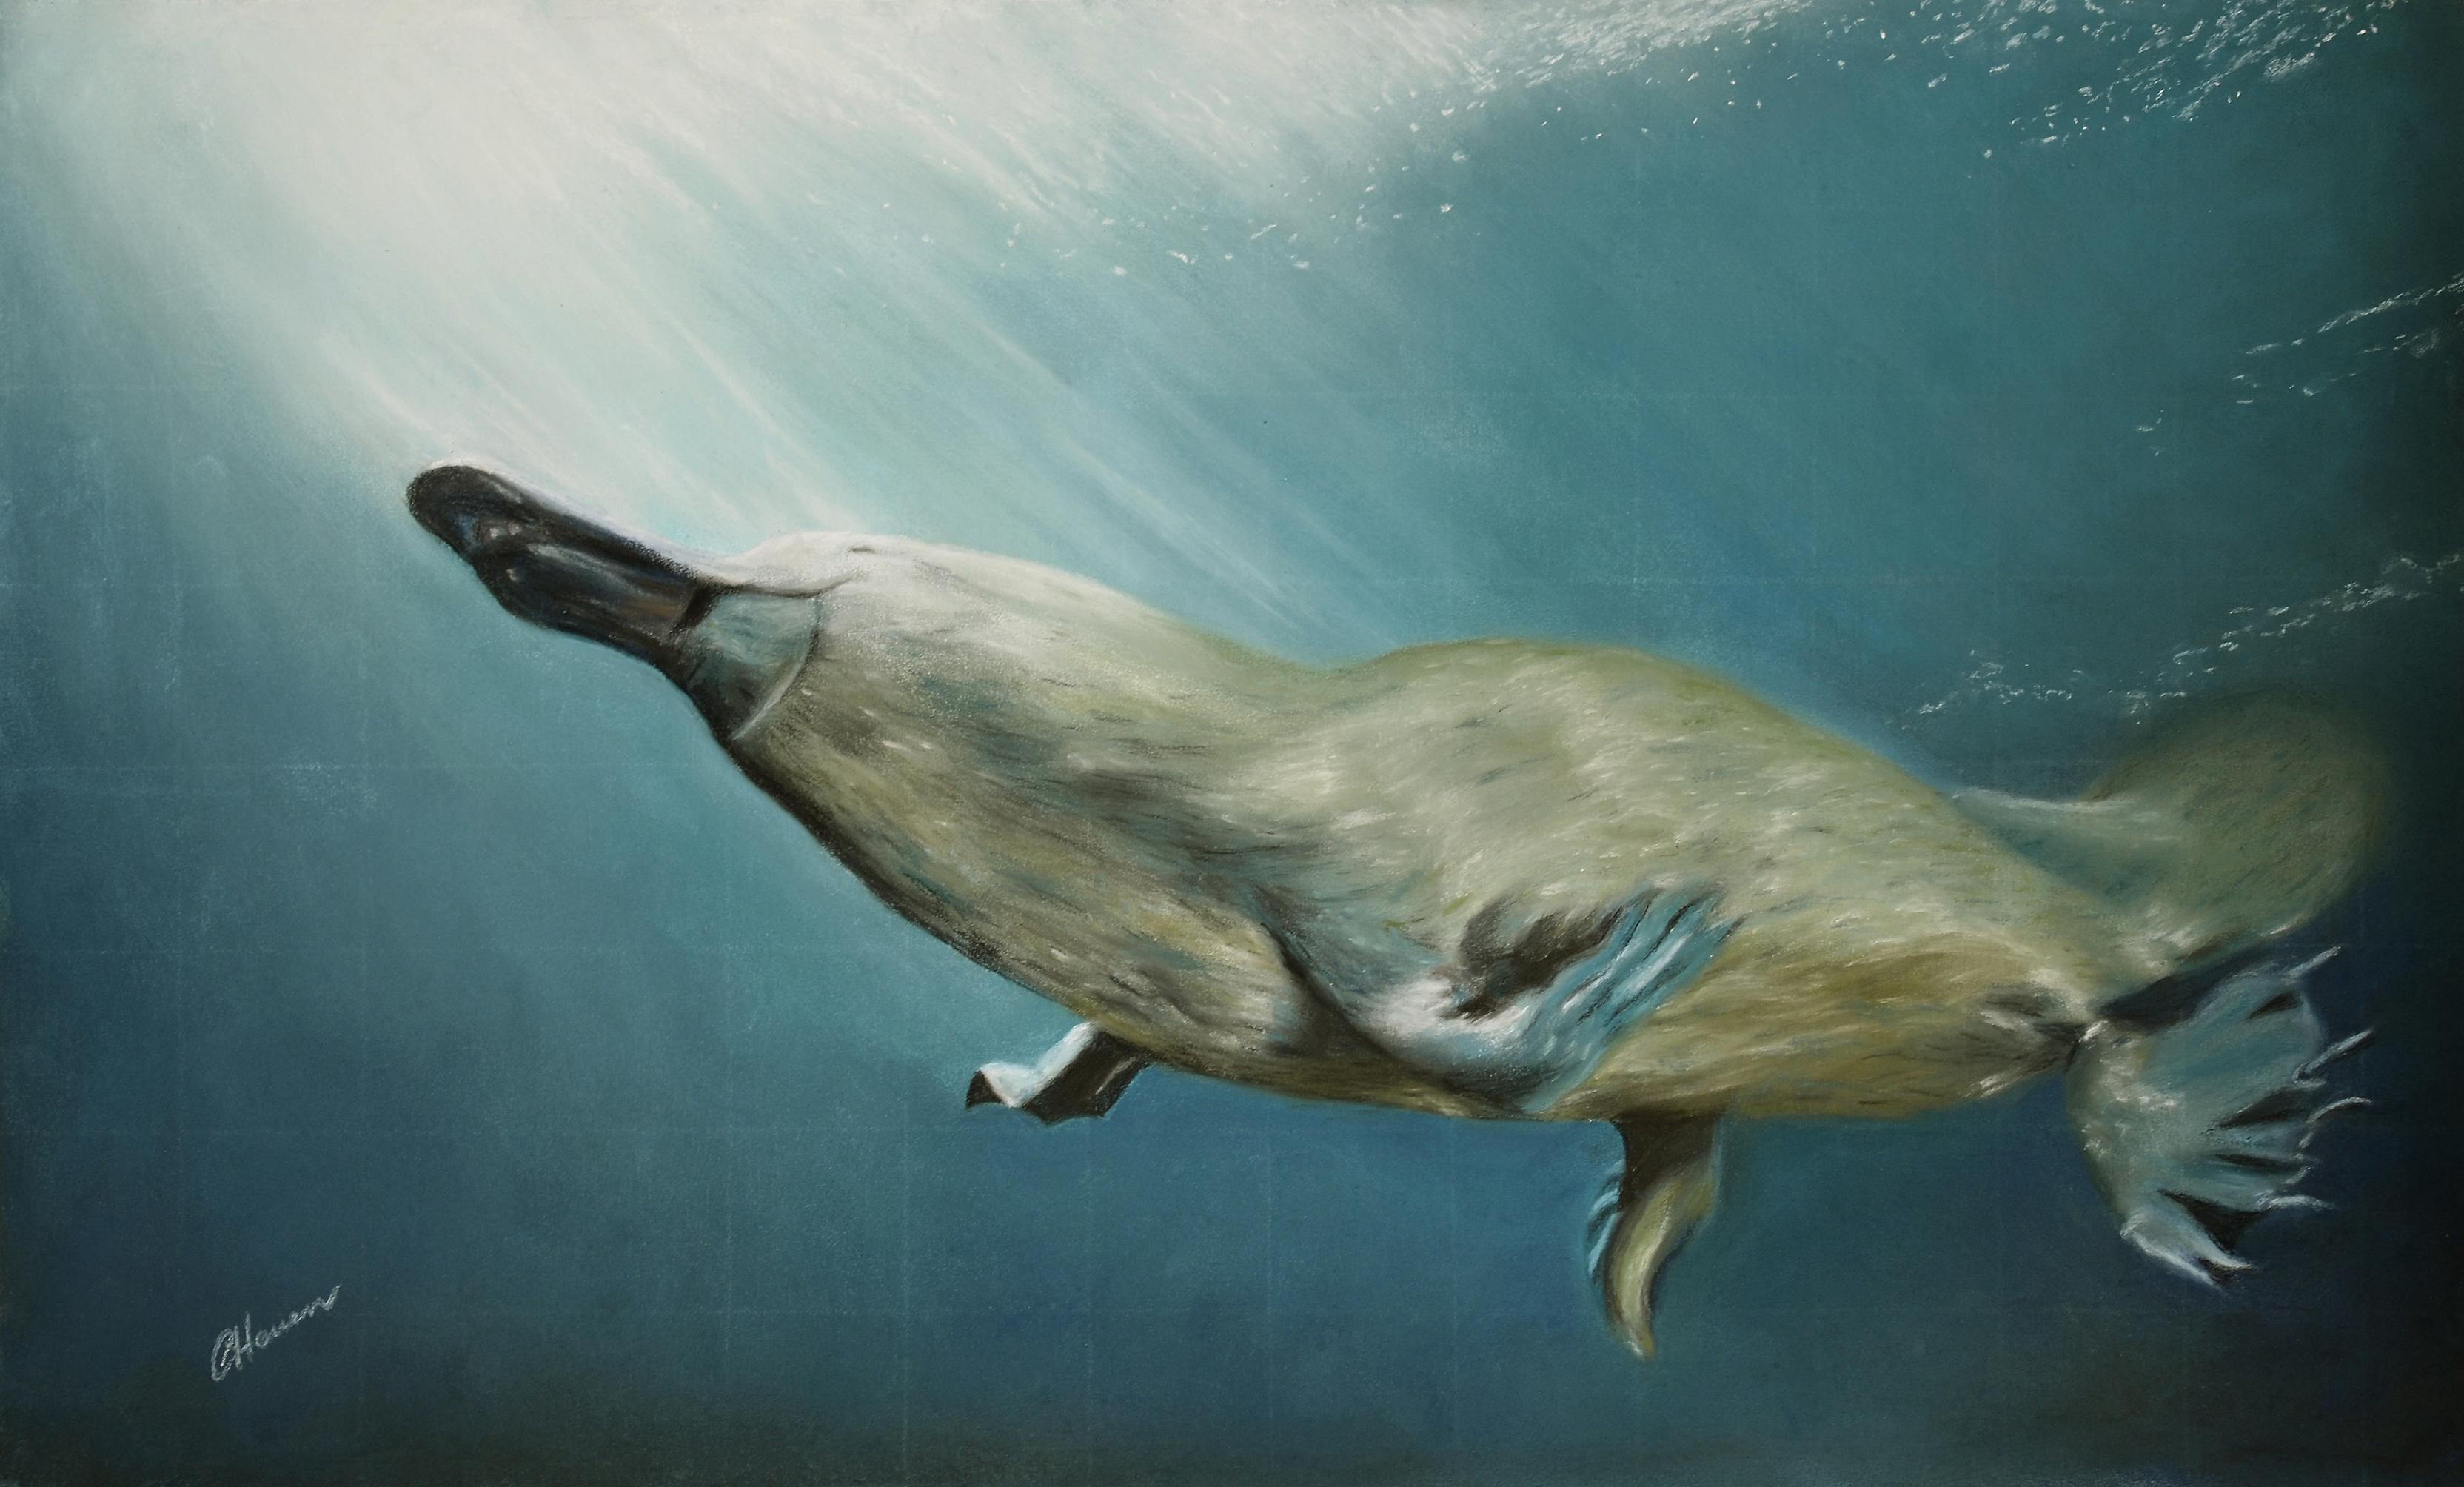 platypus medium 14112103 - Platypus Pictures To Print